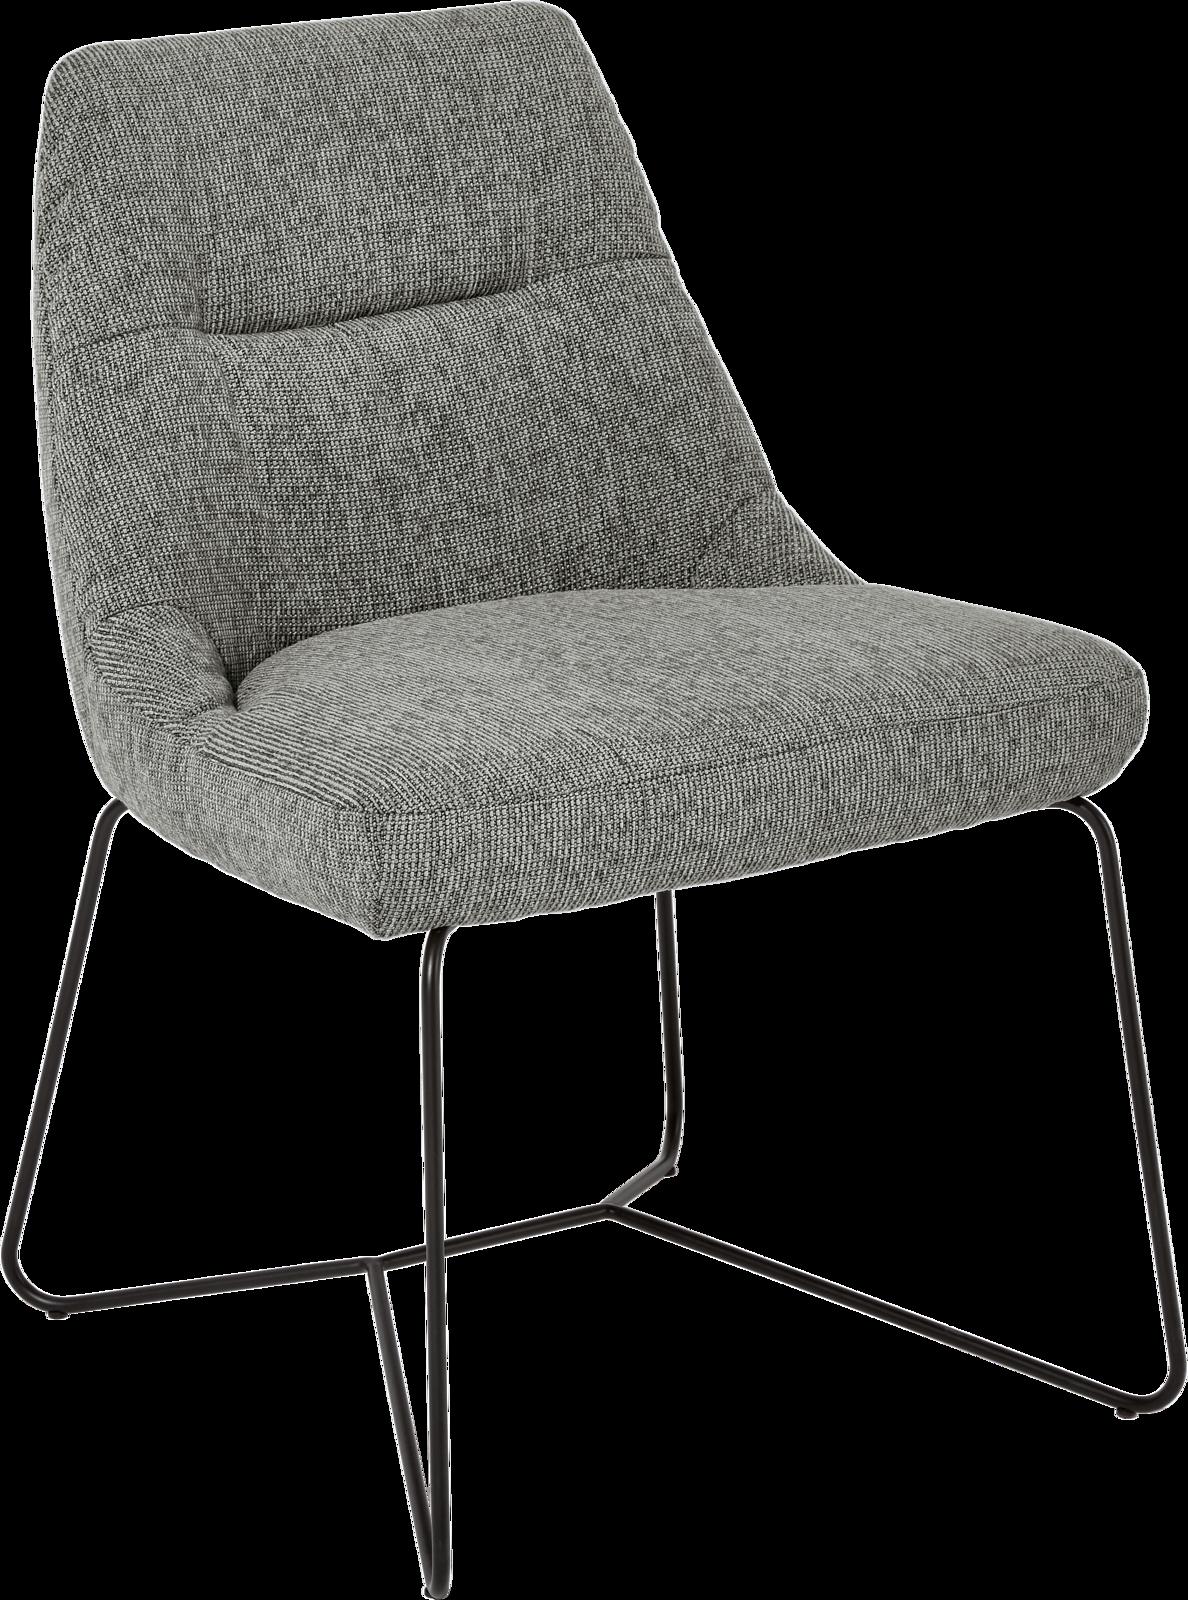 Stuhl Preston in grauem Stoff mit schwarzen Metallfüßen